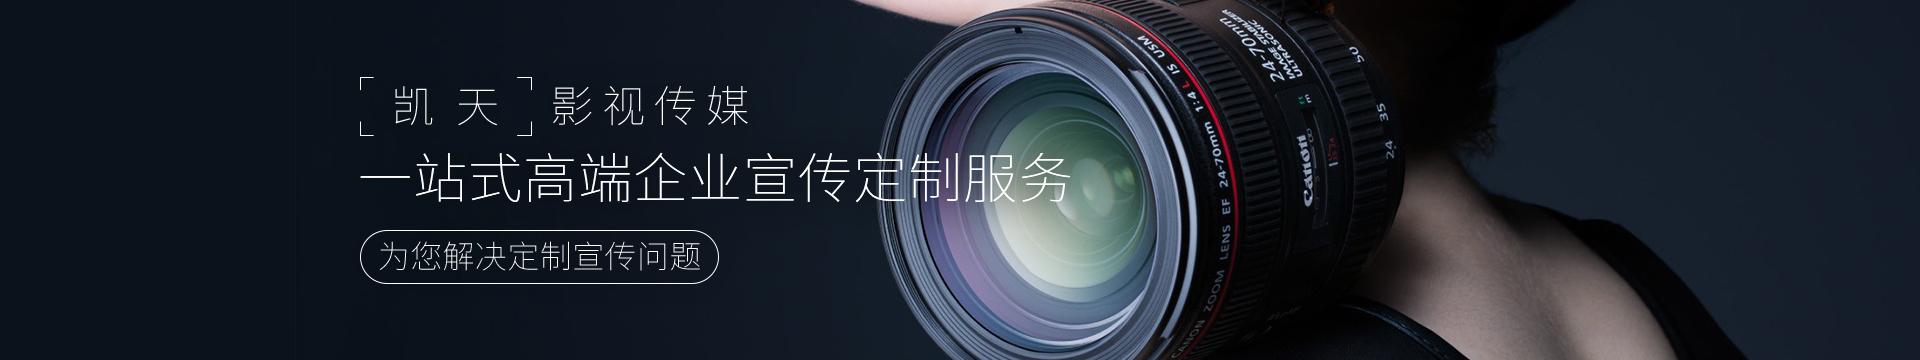 重庆宣传片制作